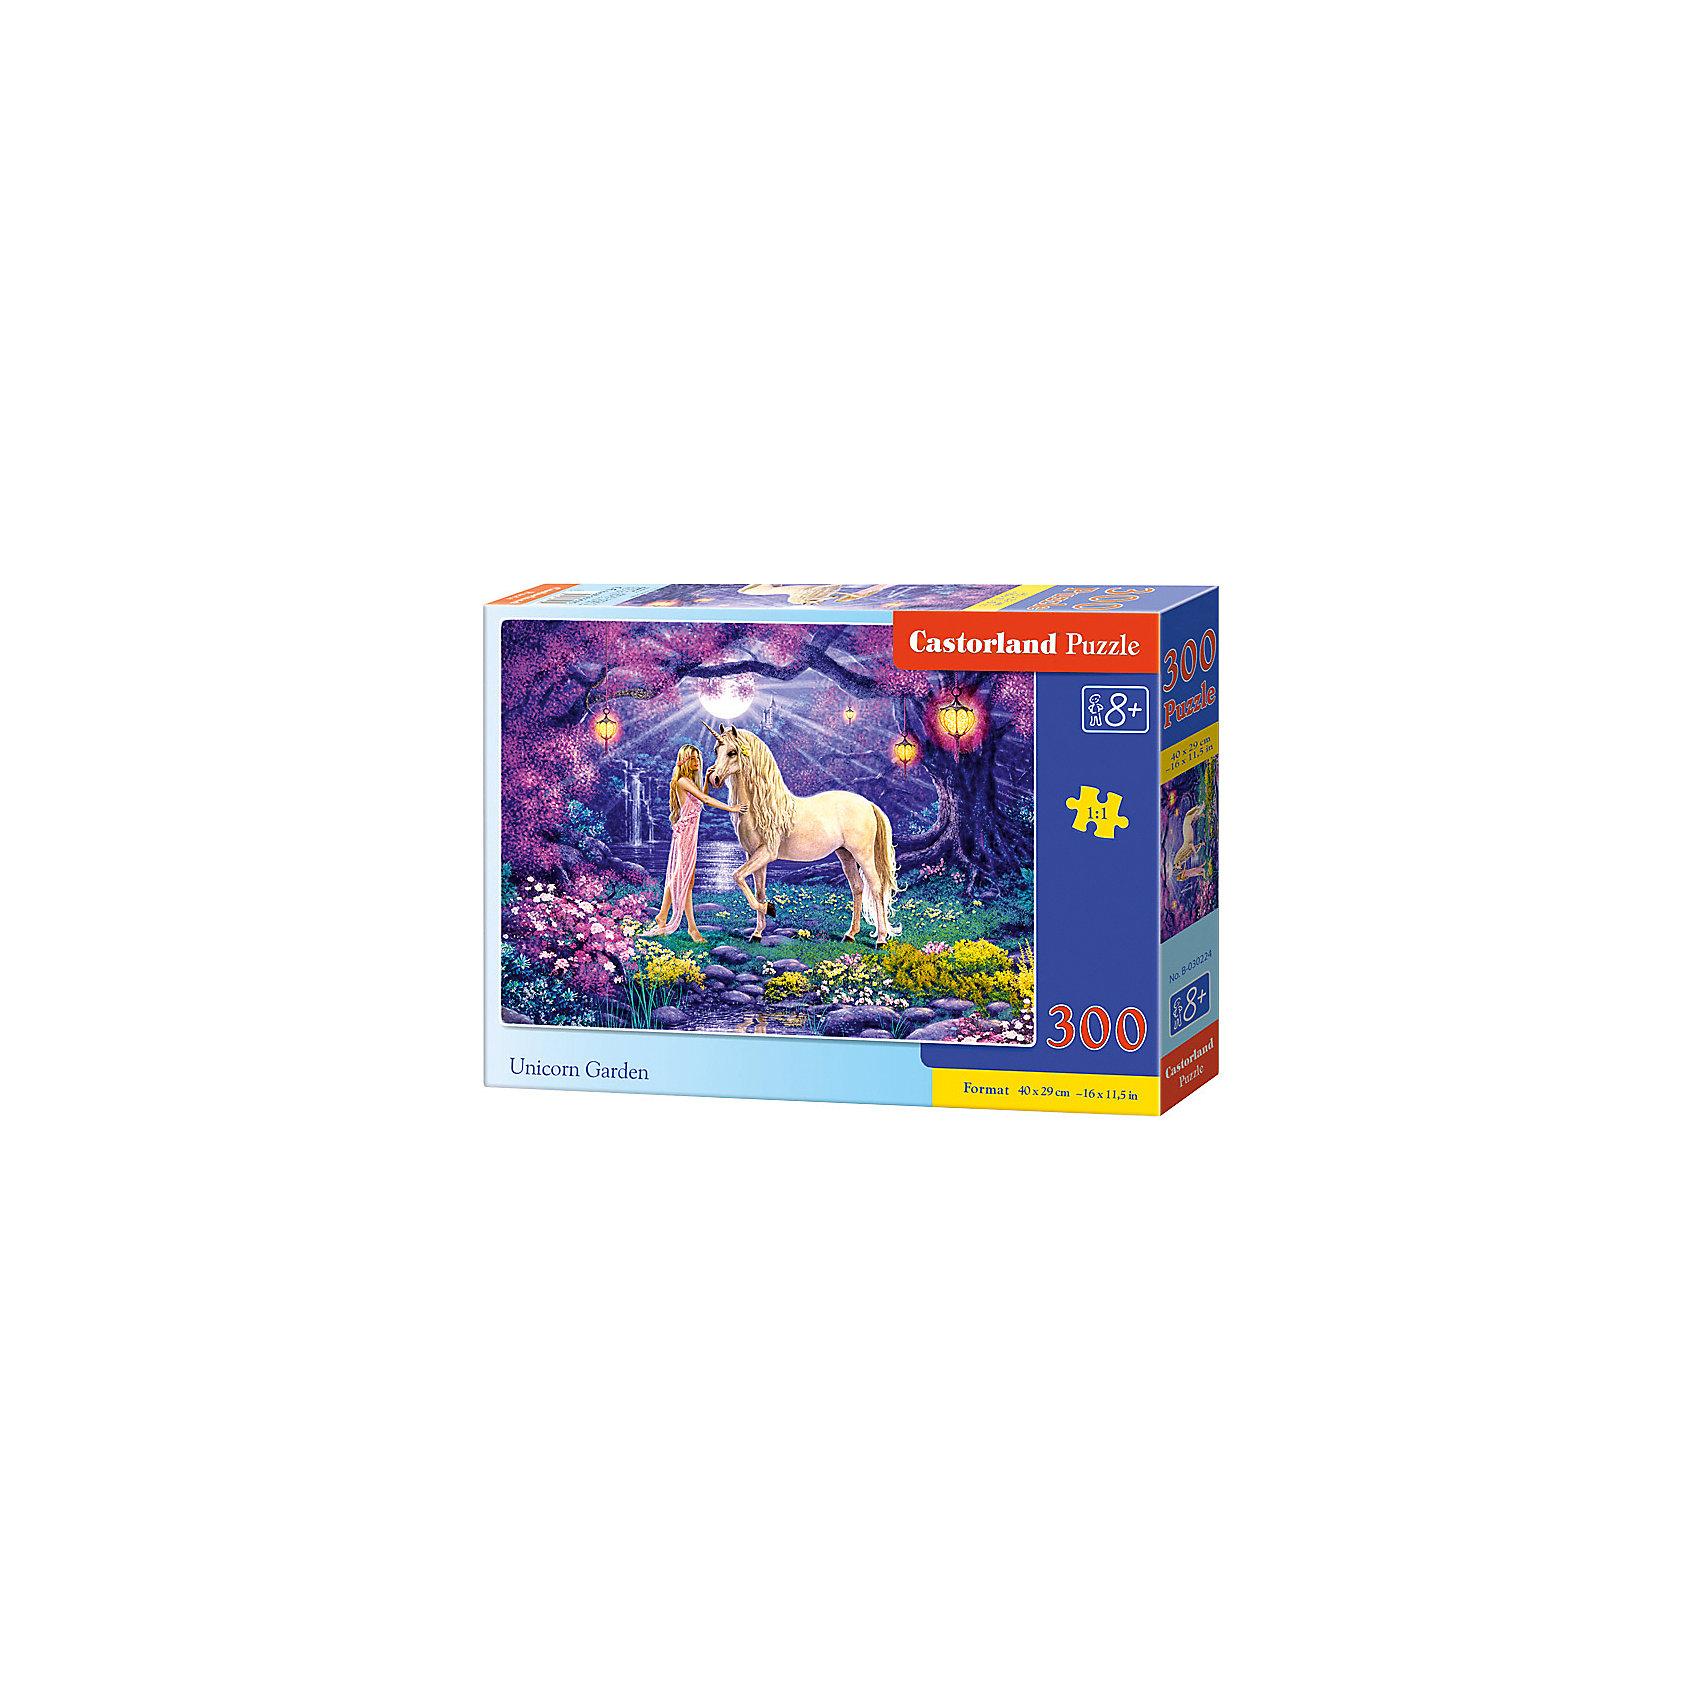 Пазл Castorland Единорог, 300 деталейПазлы для детей постарше<br>Характеристики:<br><br>• возраст: от 8 лет<br>• количество деталей: 300 шт.<br>• размер собранного пазла: 40х29 см.<br>• материал: картон<br>• упаковка: картонная коробка<br>• размер упаковки: 32x4,7x22 см.<br>• вес: 300 гр.<br>• страна обладатель бренда: Польша<br><br>Пазл «Единорог» от Castorland (Касторленд) отличается высоким качеством, высоким уровнем полиграфии, насыщенными цветами и идеальной стыковкой элементов. Из 300 элементов пазла ребенок соберет красивую картину с изображением единорога и очаровательной девушки, которые стоят на чудесной сказочной поляне.<br><br>Пазл Единорог, 300 деталей, Castorland (Касторленд) можно купить в нашем интернет-магазине.<br><br>Ширина мм: 320<br>Глубина мм: 220<br>Высота мм: 47<br>Вес г: 300<br>Возраст от месяцев: 96<br>Возраст до месяцев: 2147483647<br>Пол: Женский<br>Возраст: Детский<br>SKU: 6725107